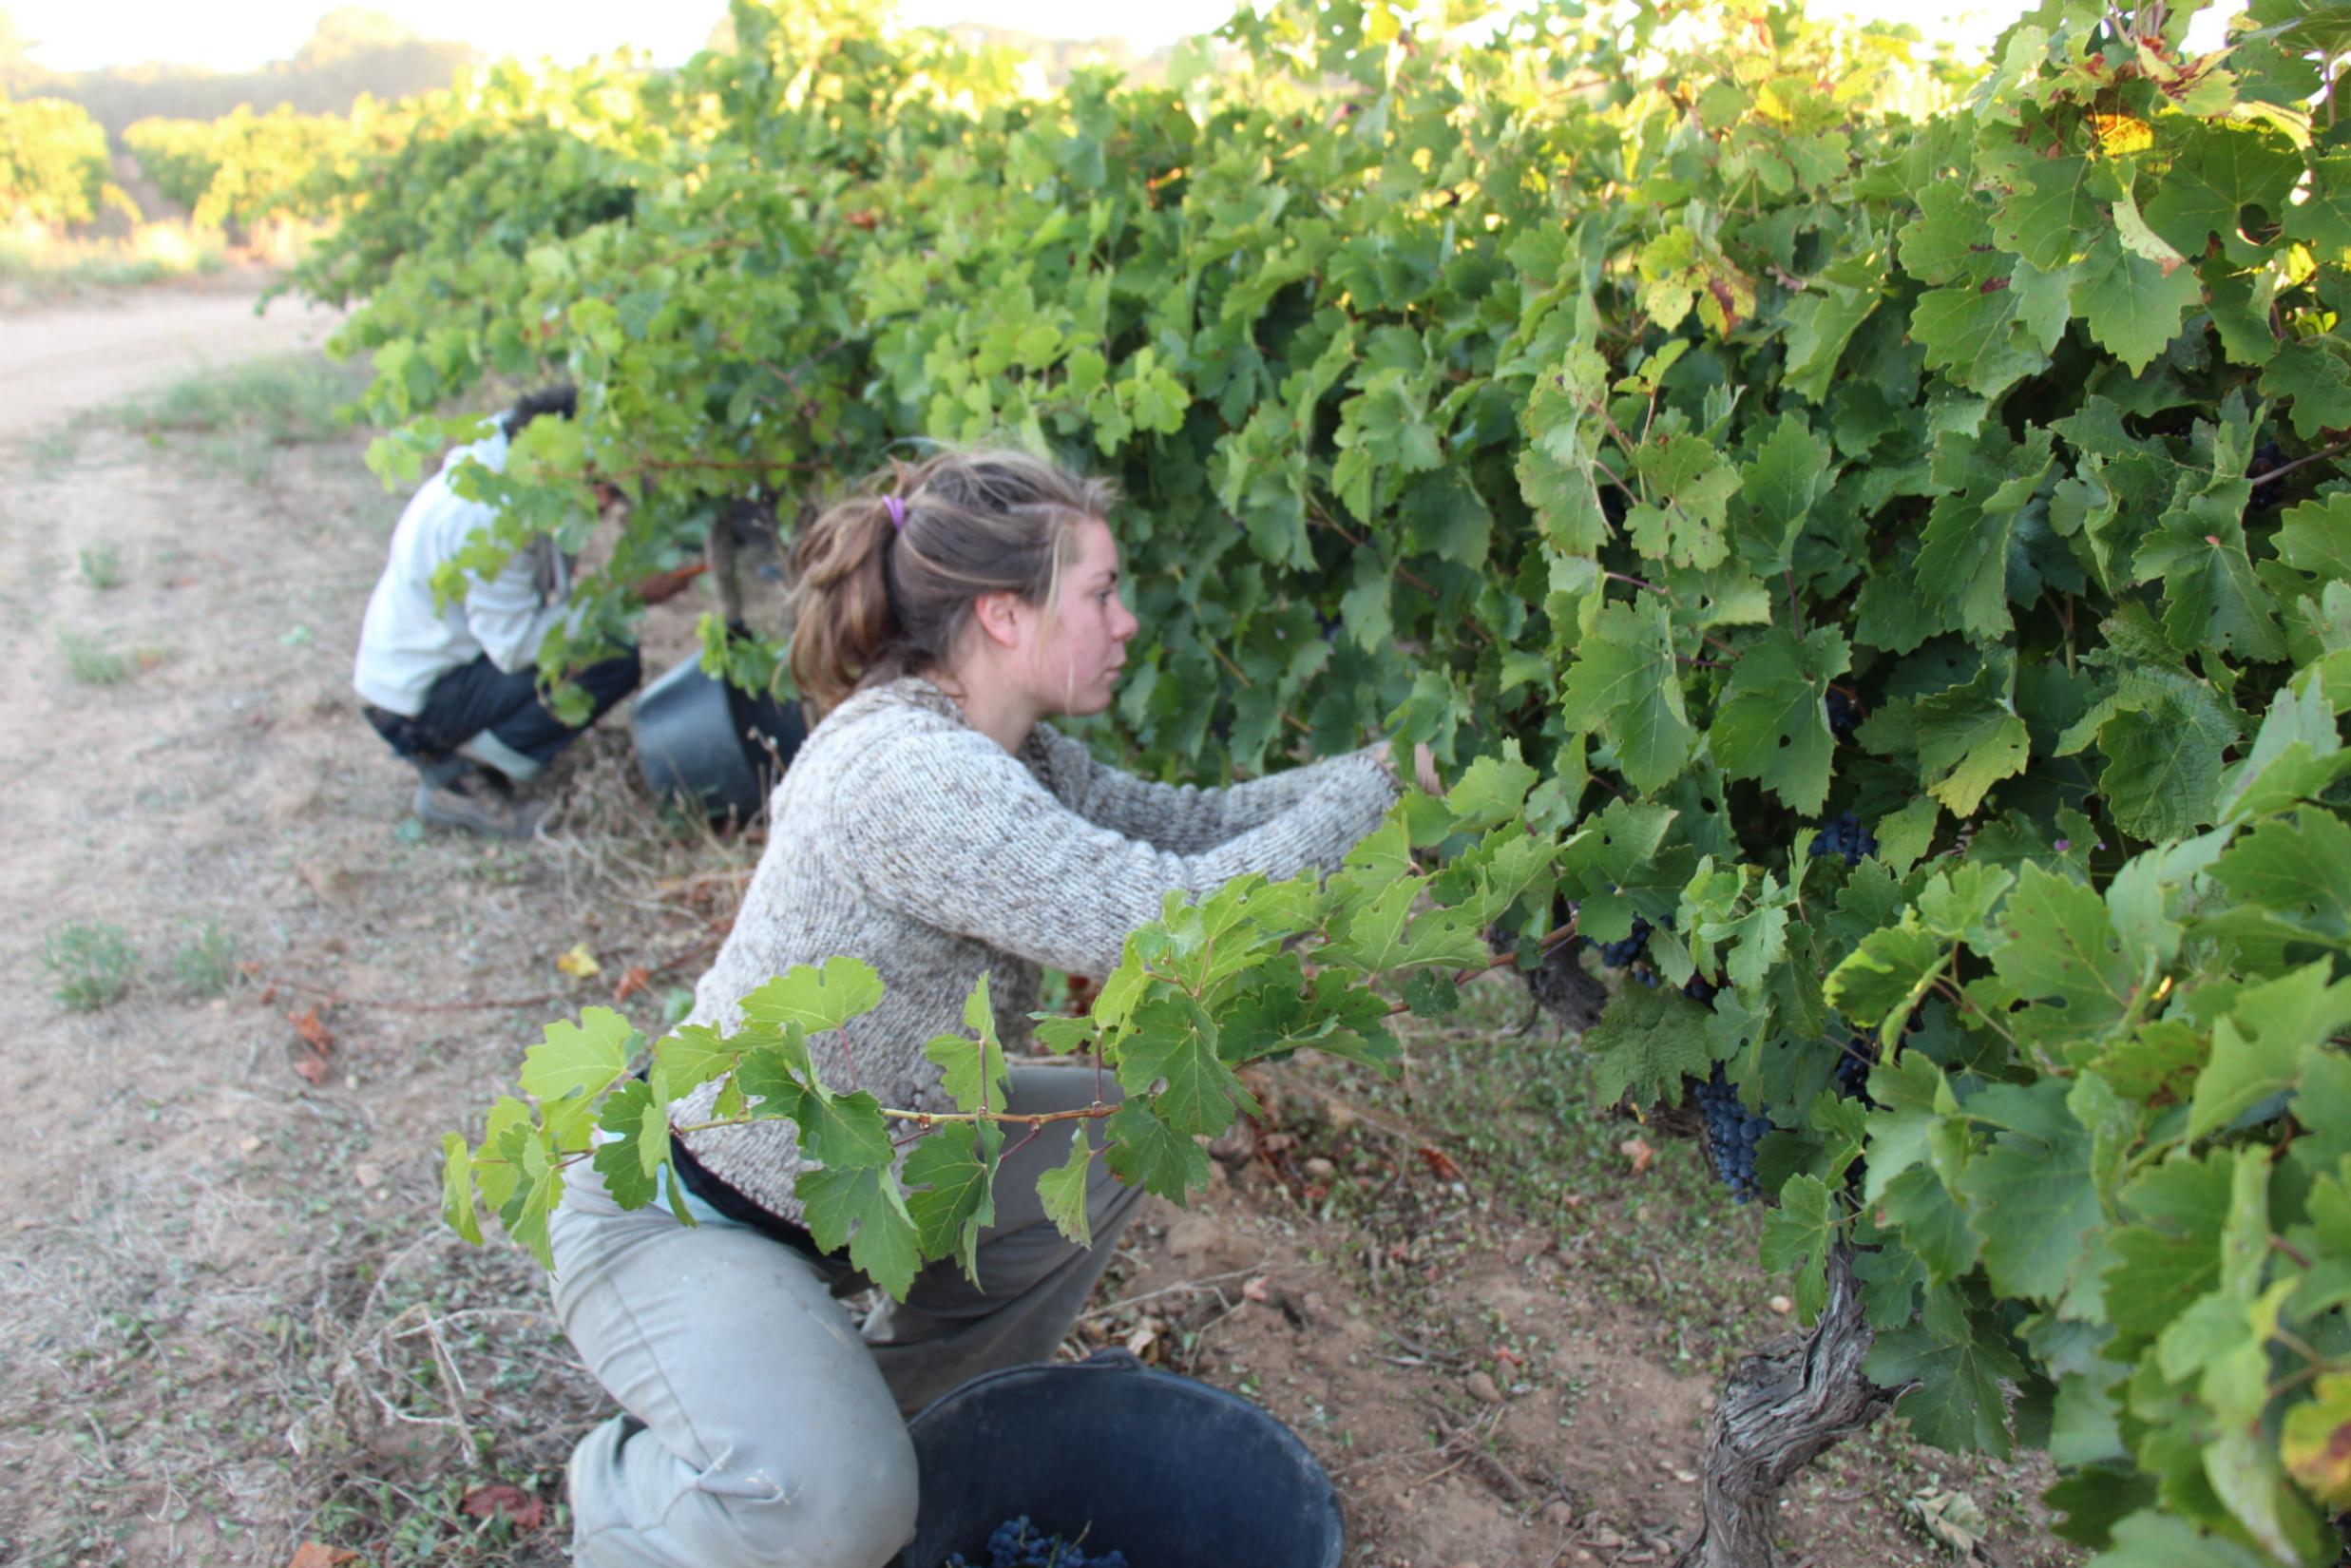 Harvest worker, Domaine de Sulauze, Côteaux d'Aix-en-Provence, France